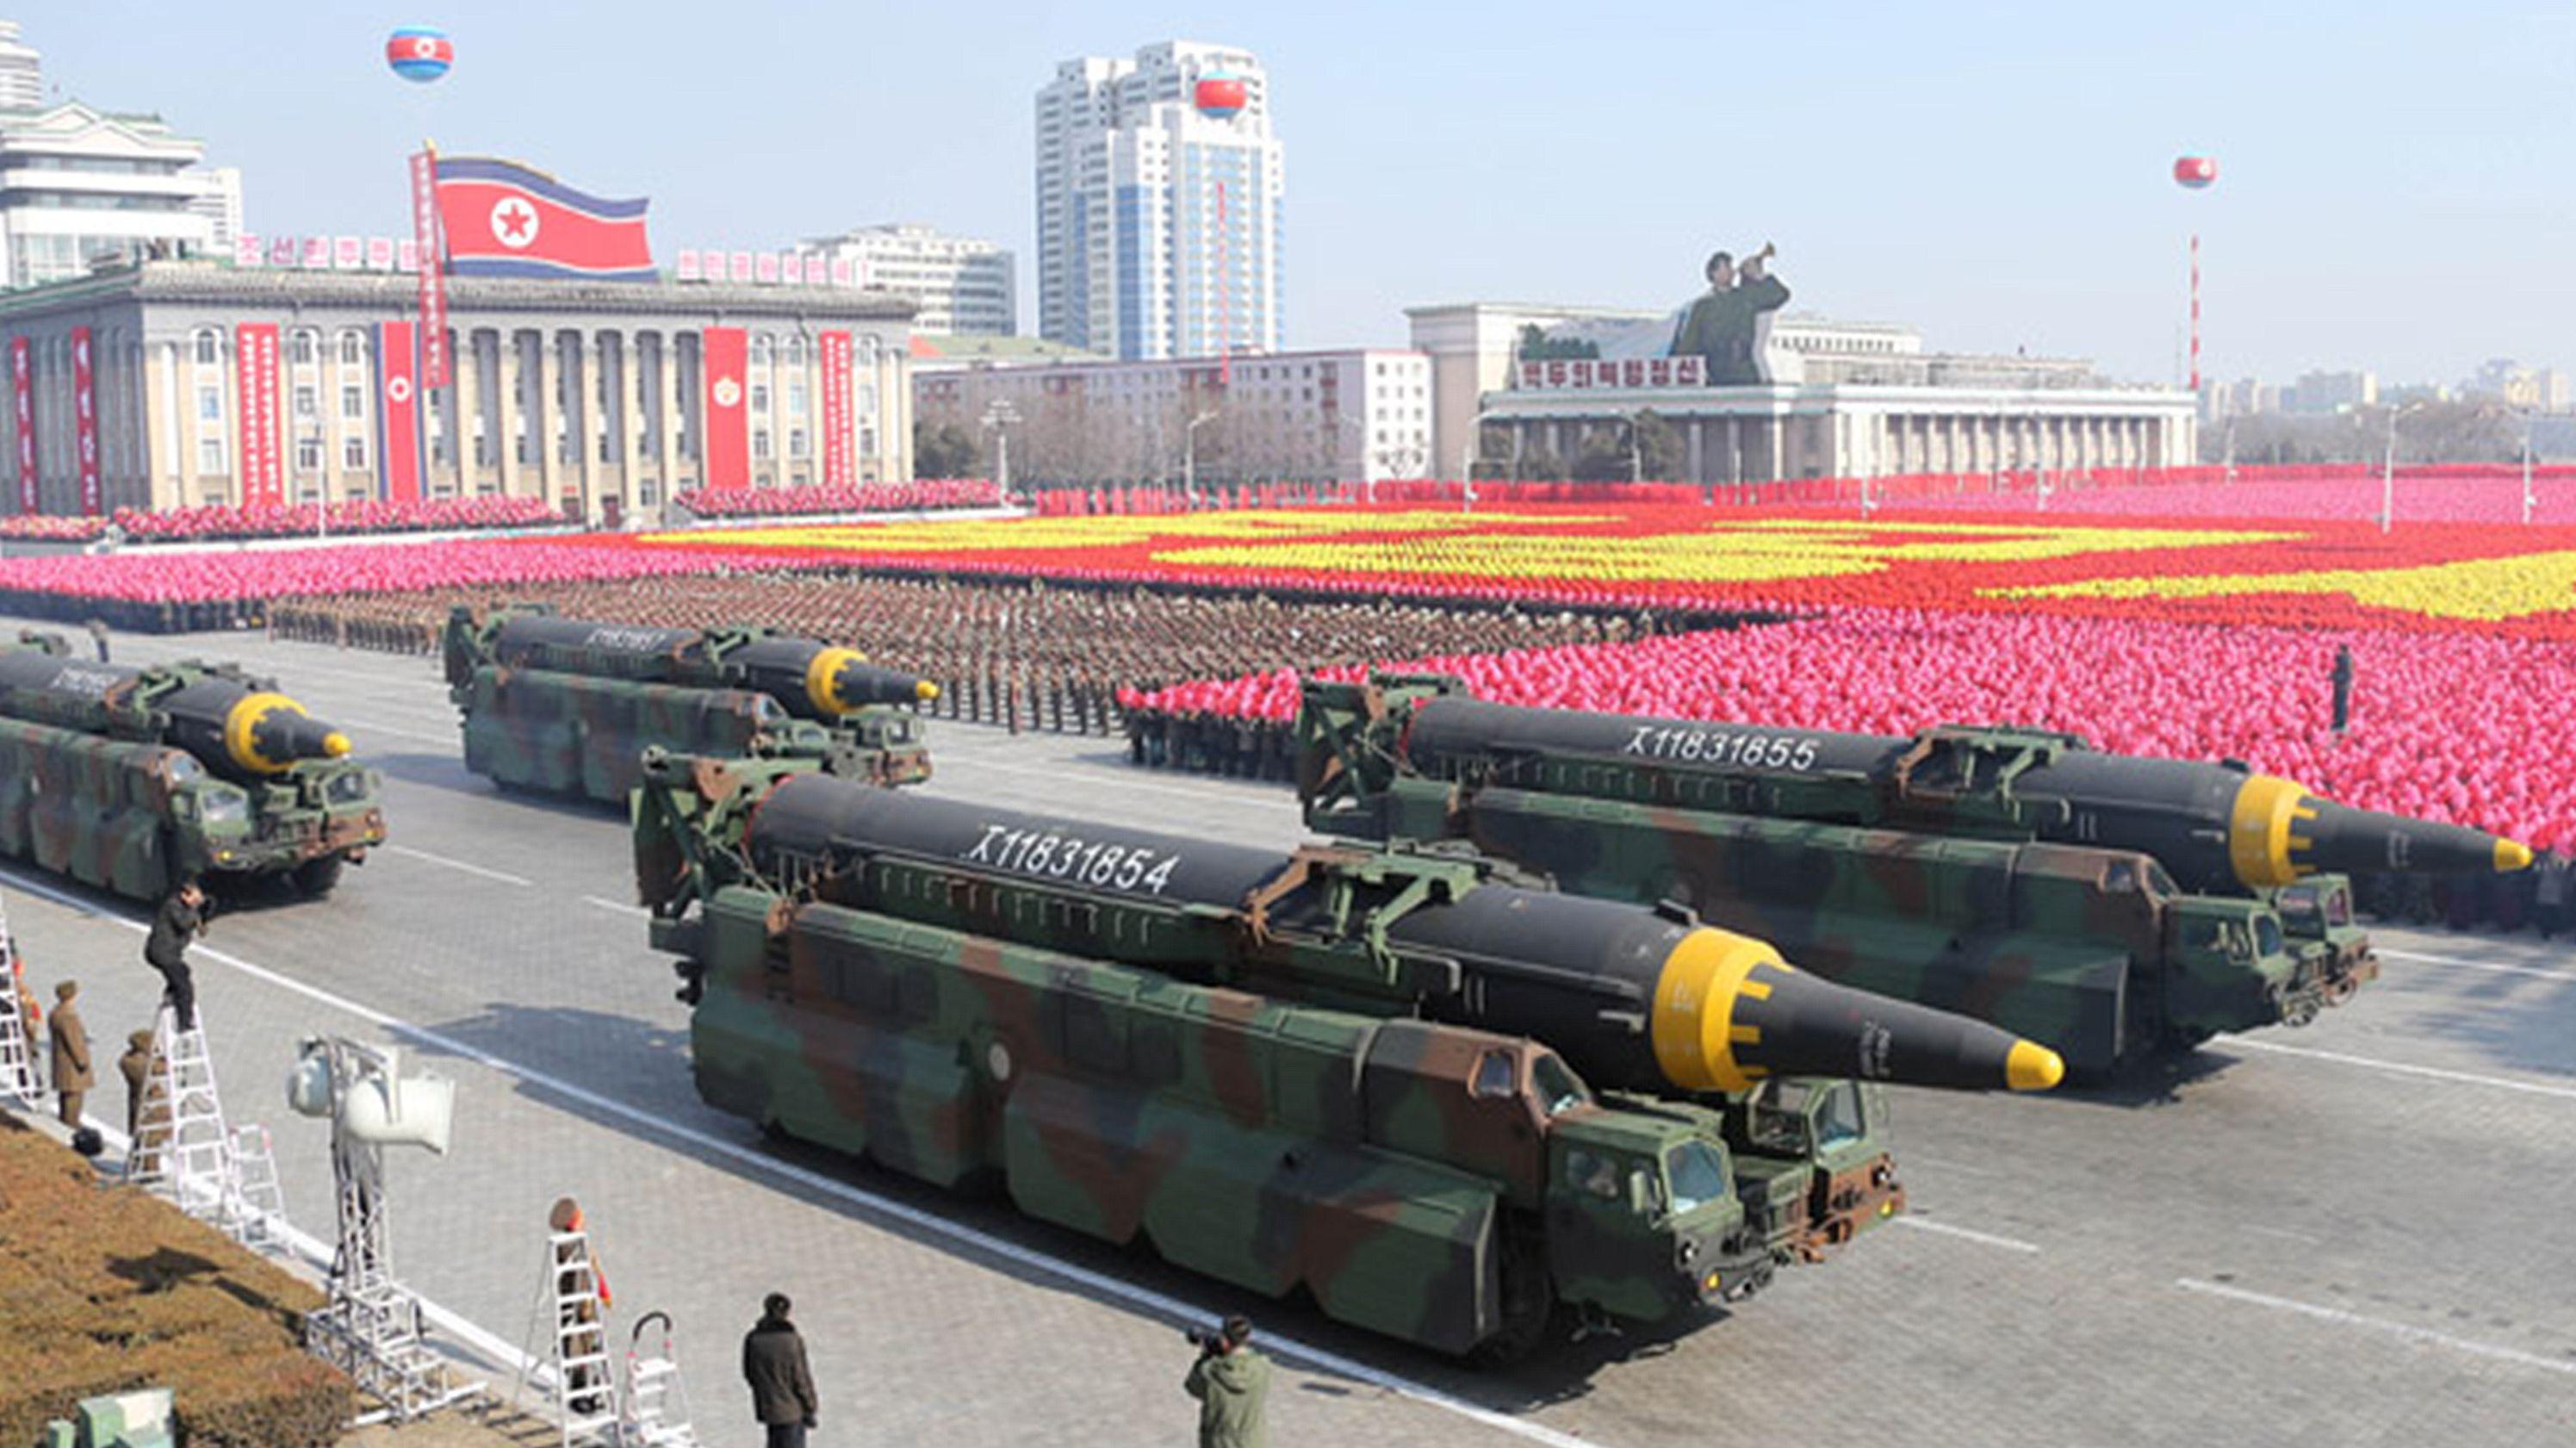 Diese Waffen stellt Nordkorea gerne zur Schau. Die Cyberkriminalität findet jedoch im Verborgenen statt.